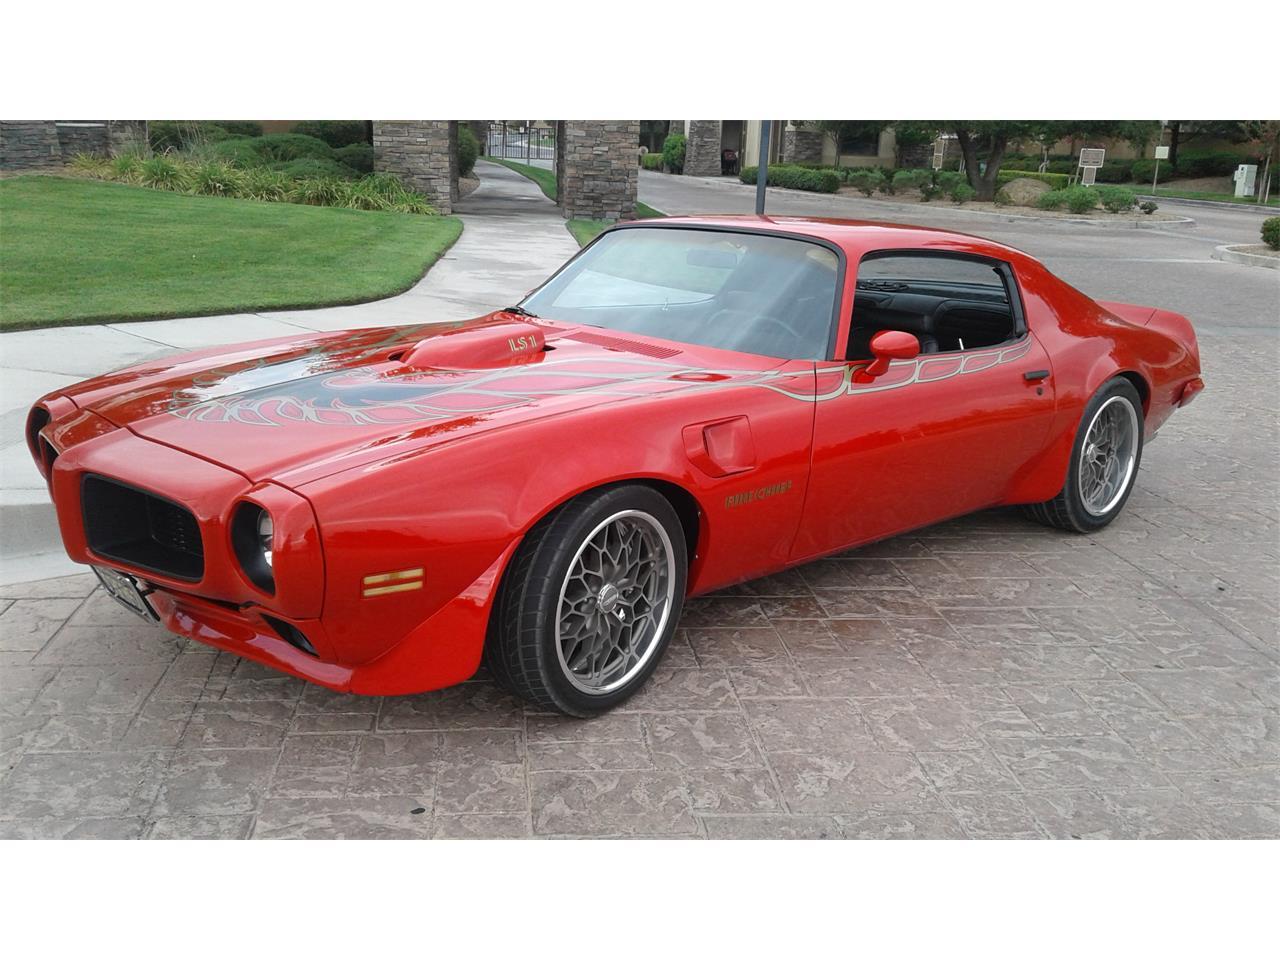 Pontiac Firebird – Model koji (ni)je morao da nestane